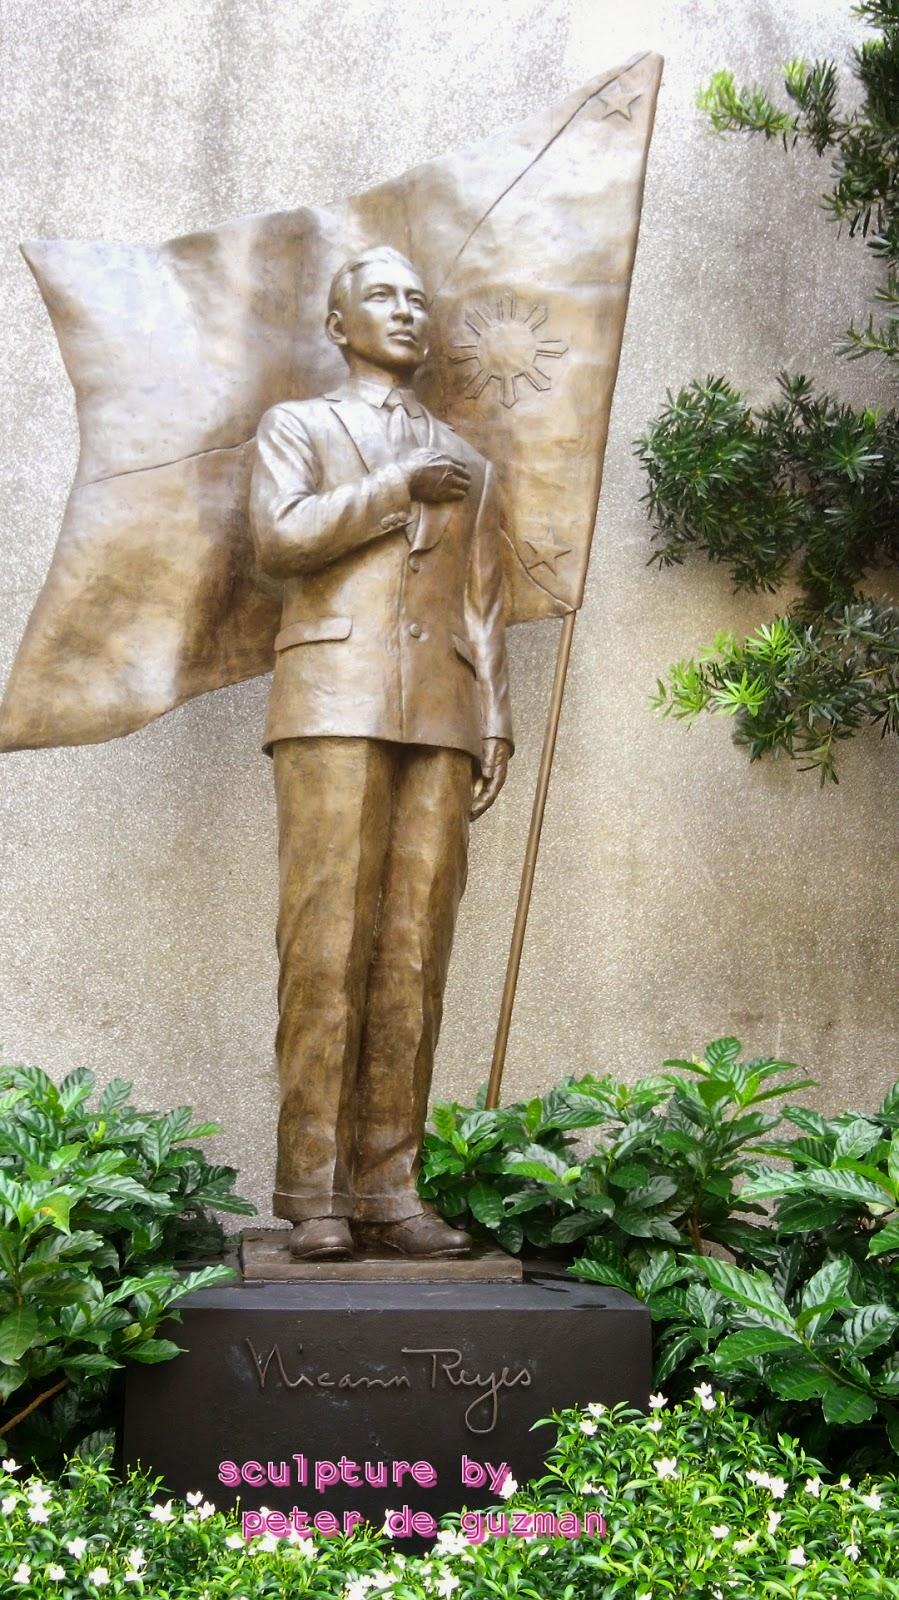 Nicanor Reyes sculpture by Peter De Guzman